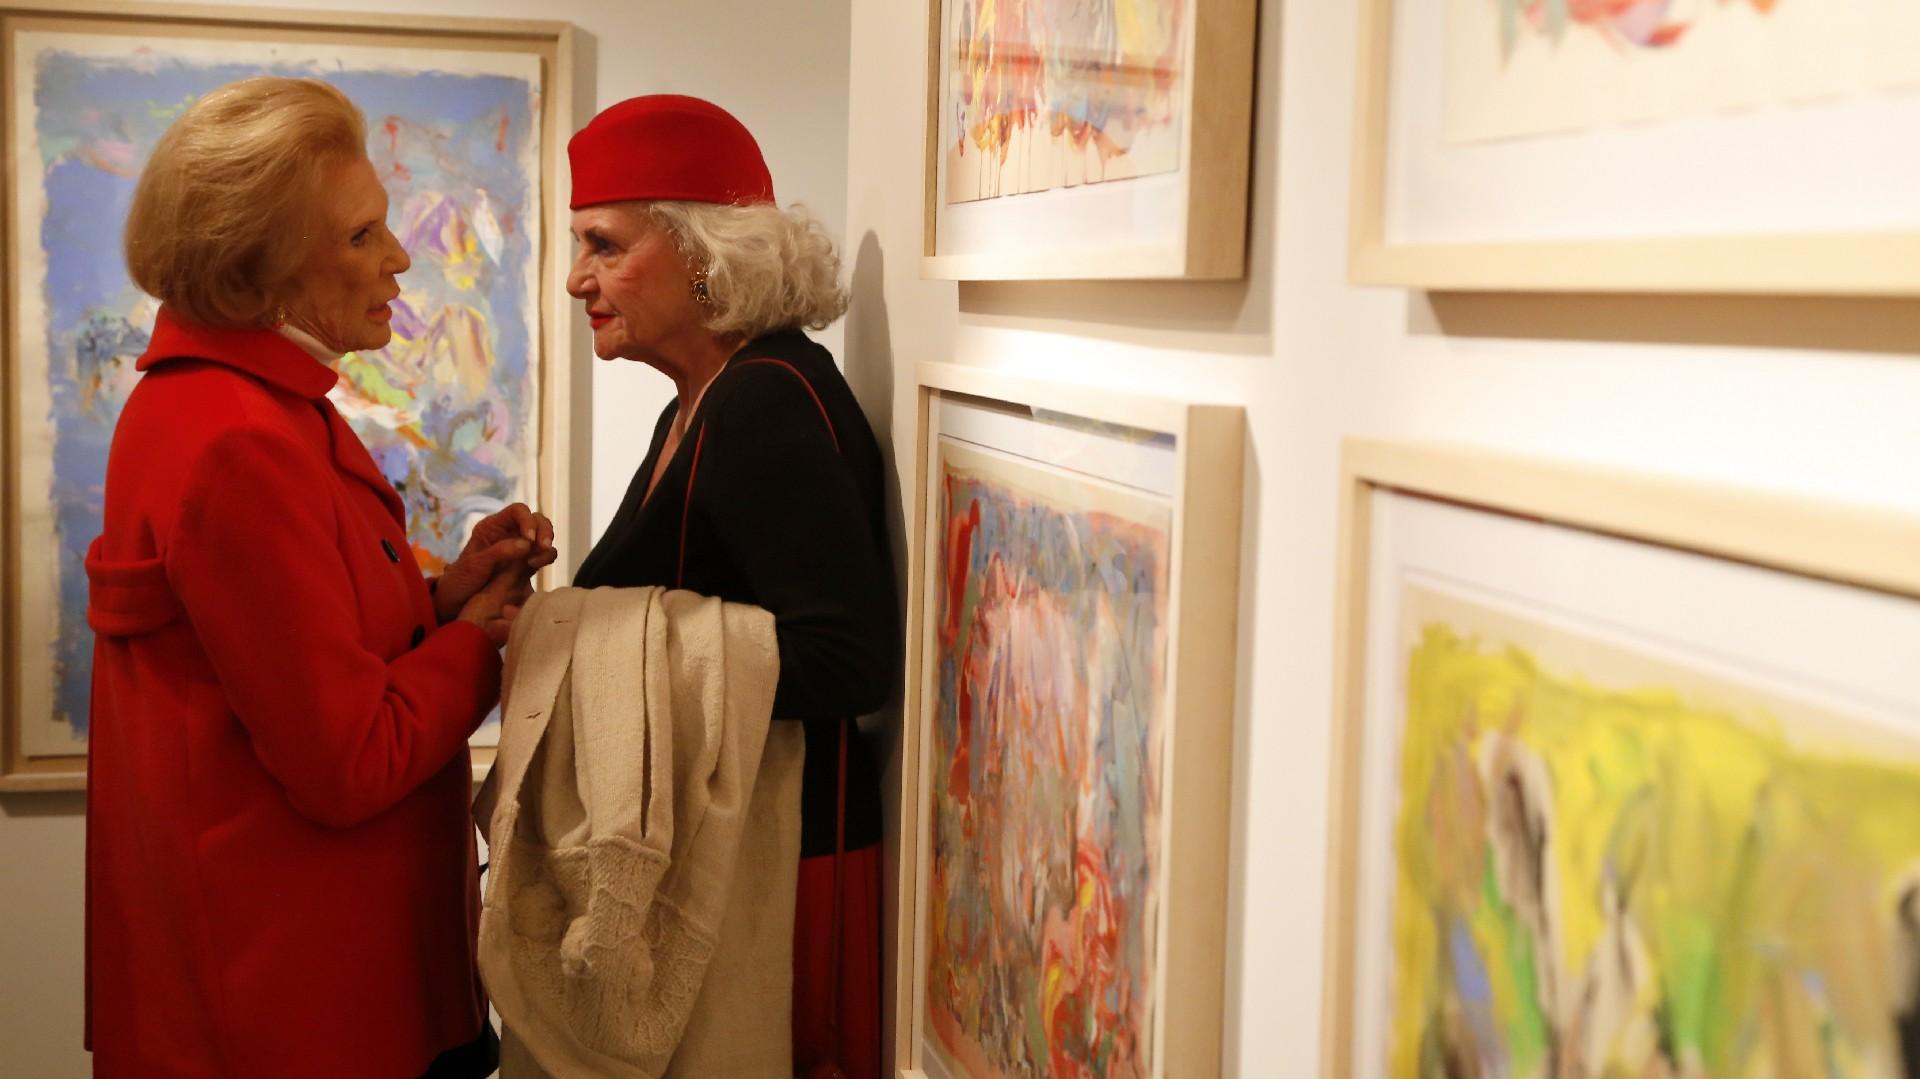 La muestra puede visitarse durante agosto y septiembre, de martes a viernes de 14 a 19.30 en Otto Galería